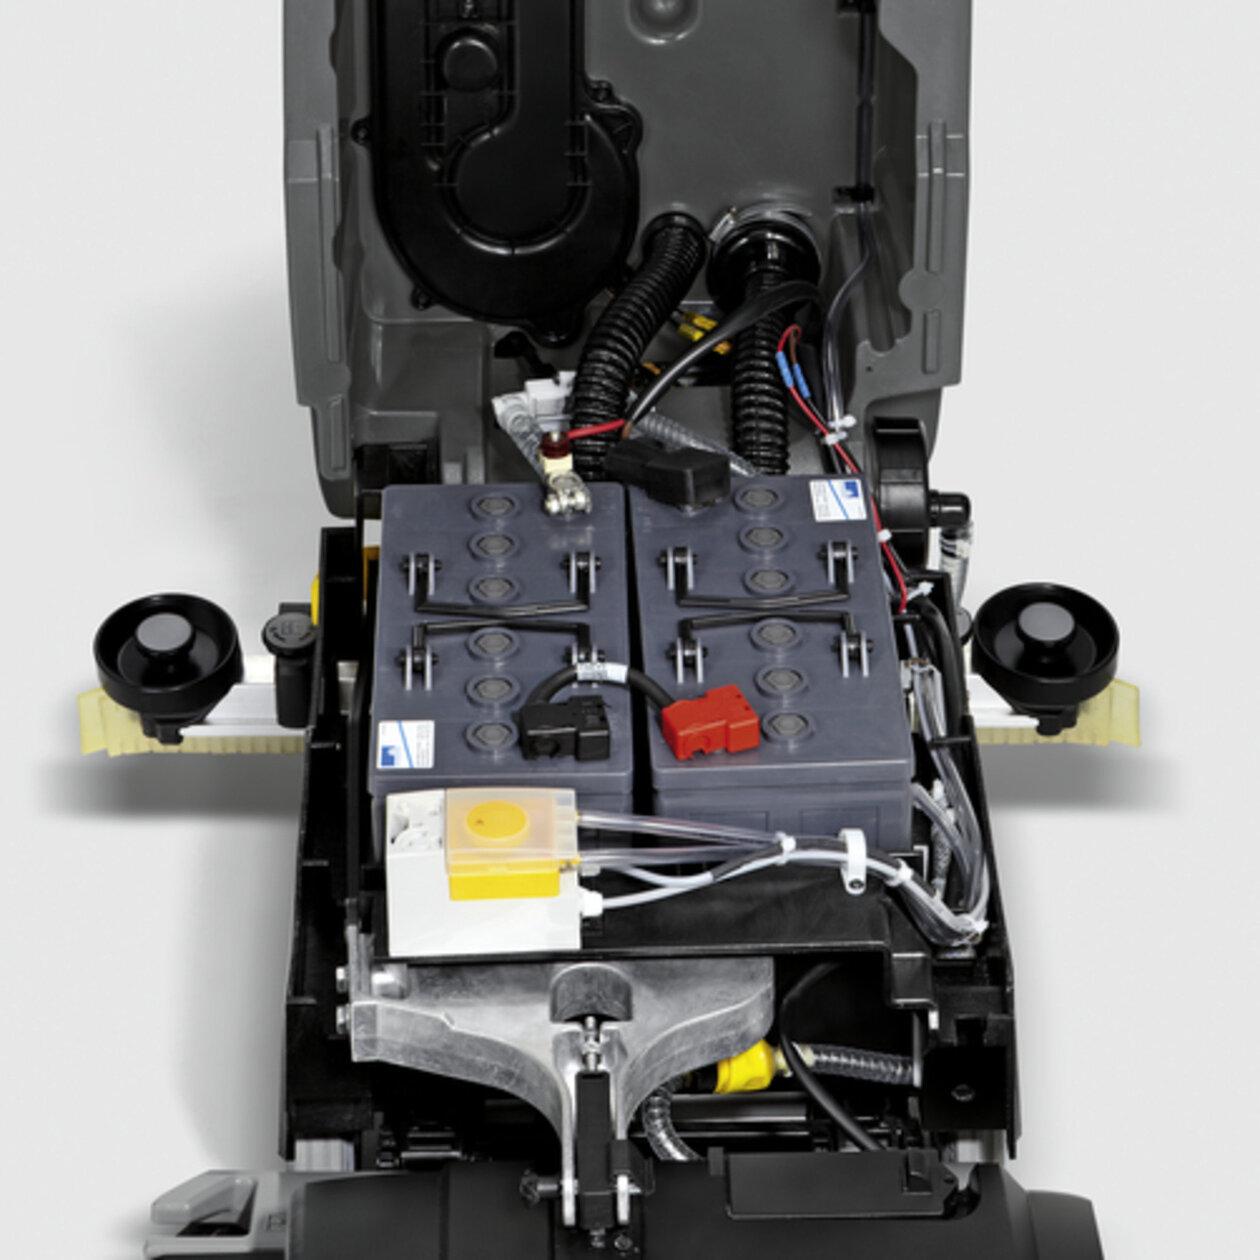 Schrob-/zuigmachine B 40 DOSE Fleet+105Ah+R55+Rinsing+AutoFi: Krachtige 105-Ah accu met inbouwoplader